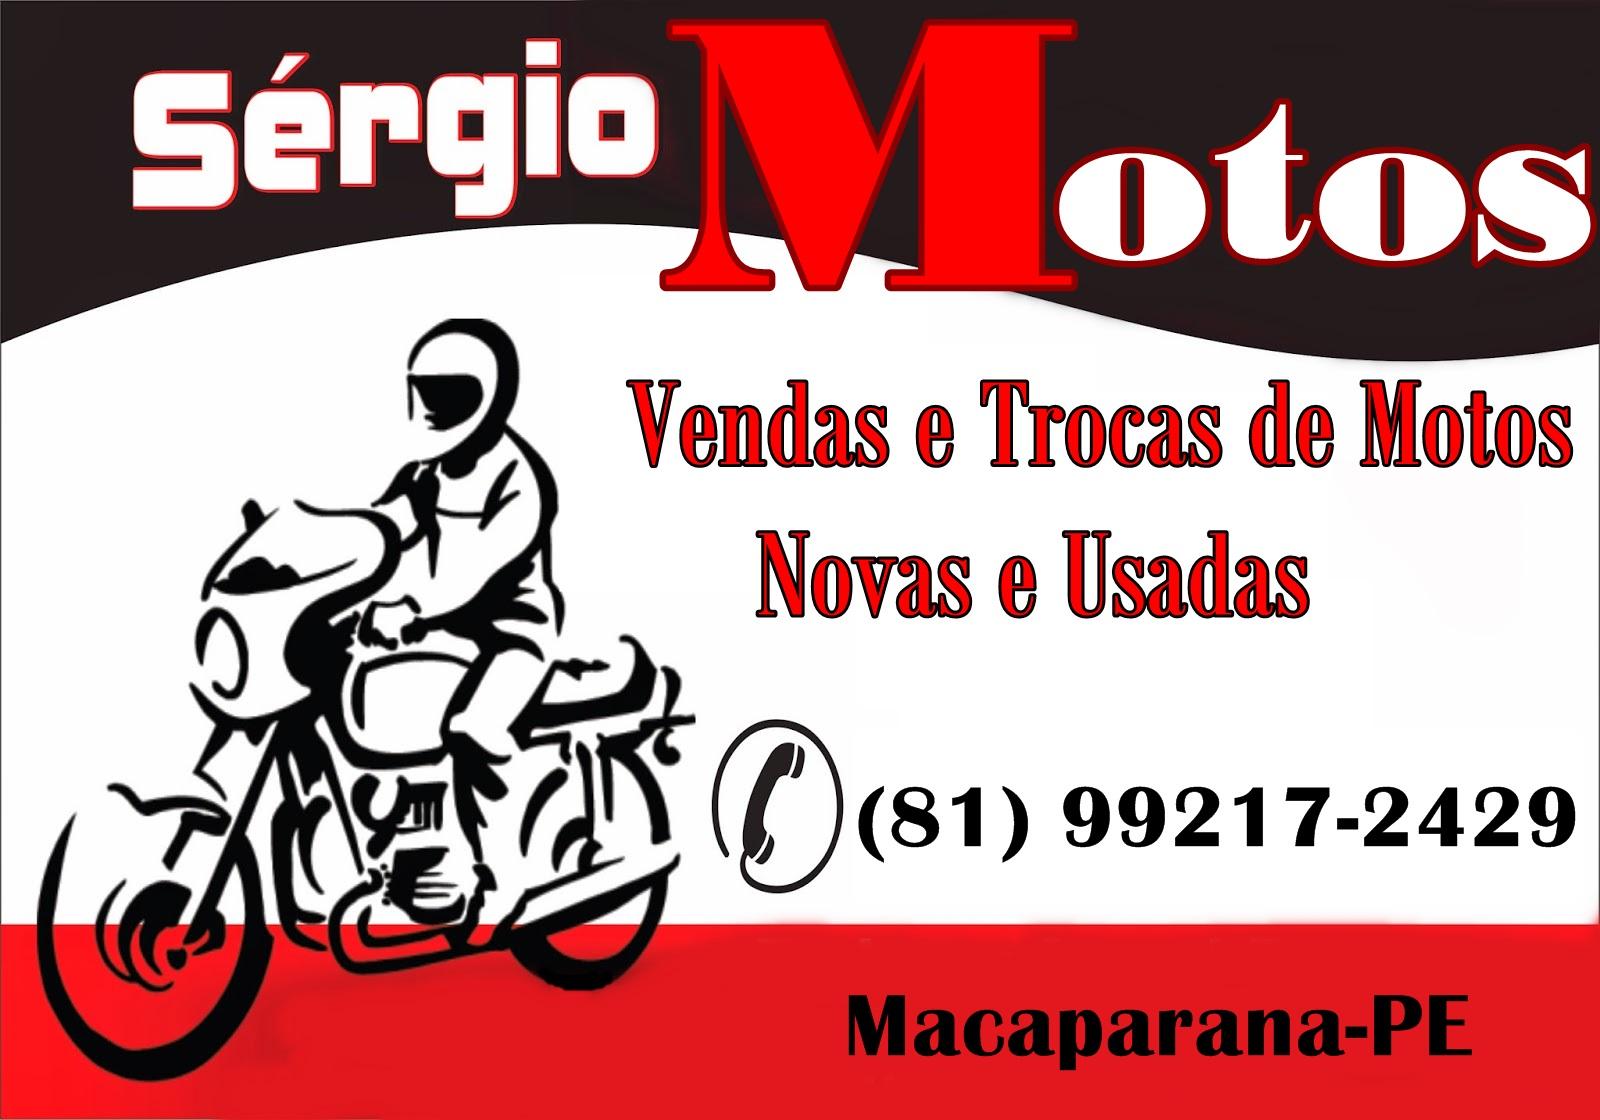 SÉRGIO MOTOS